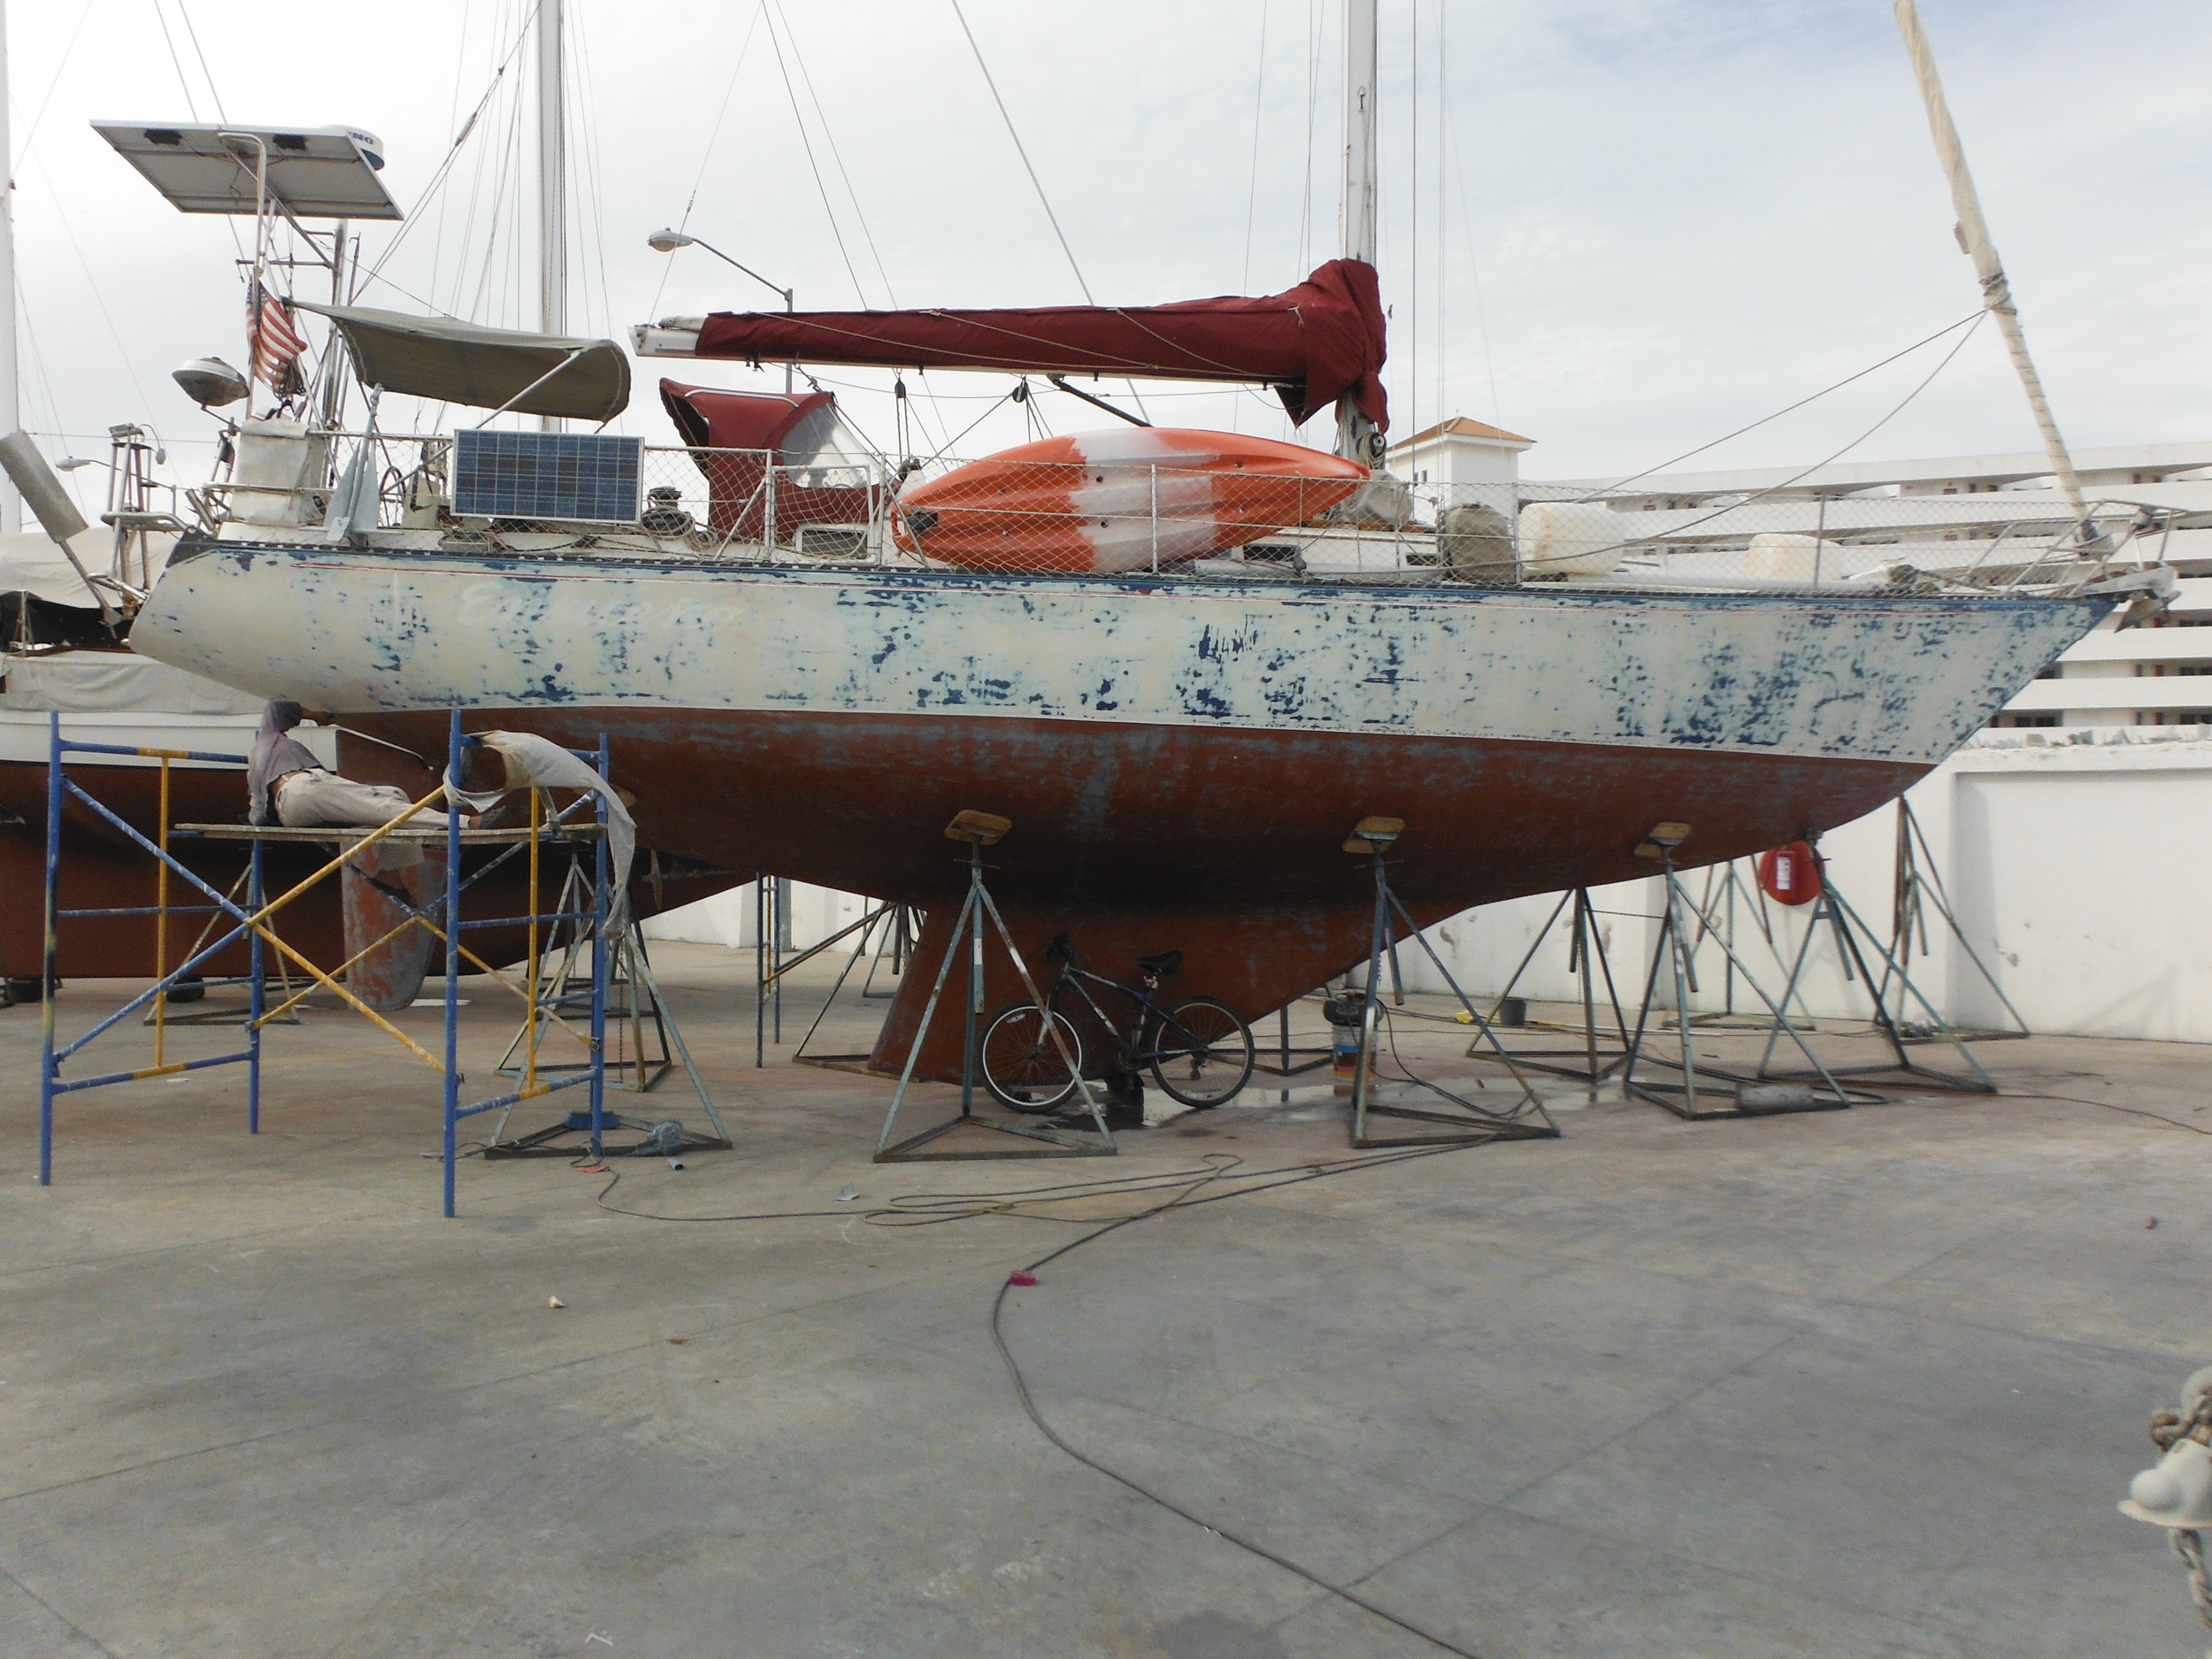 DSCF1083.JPG